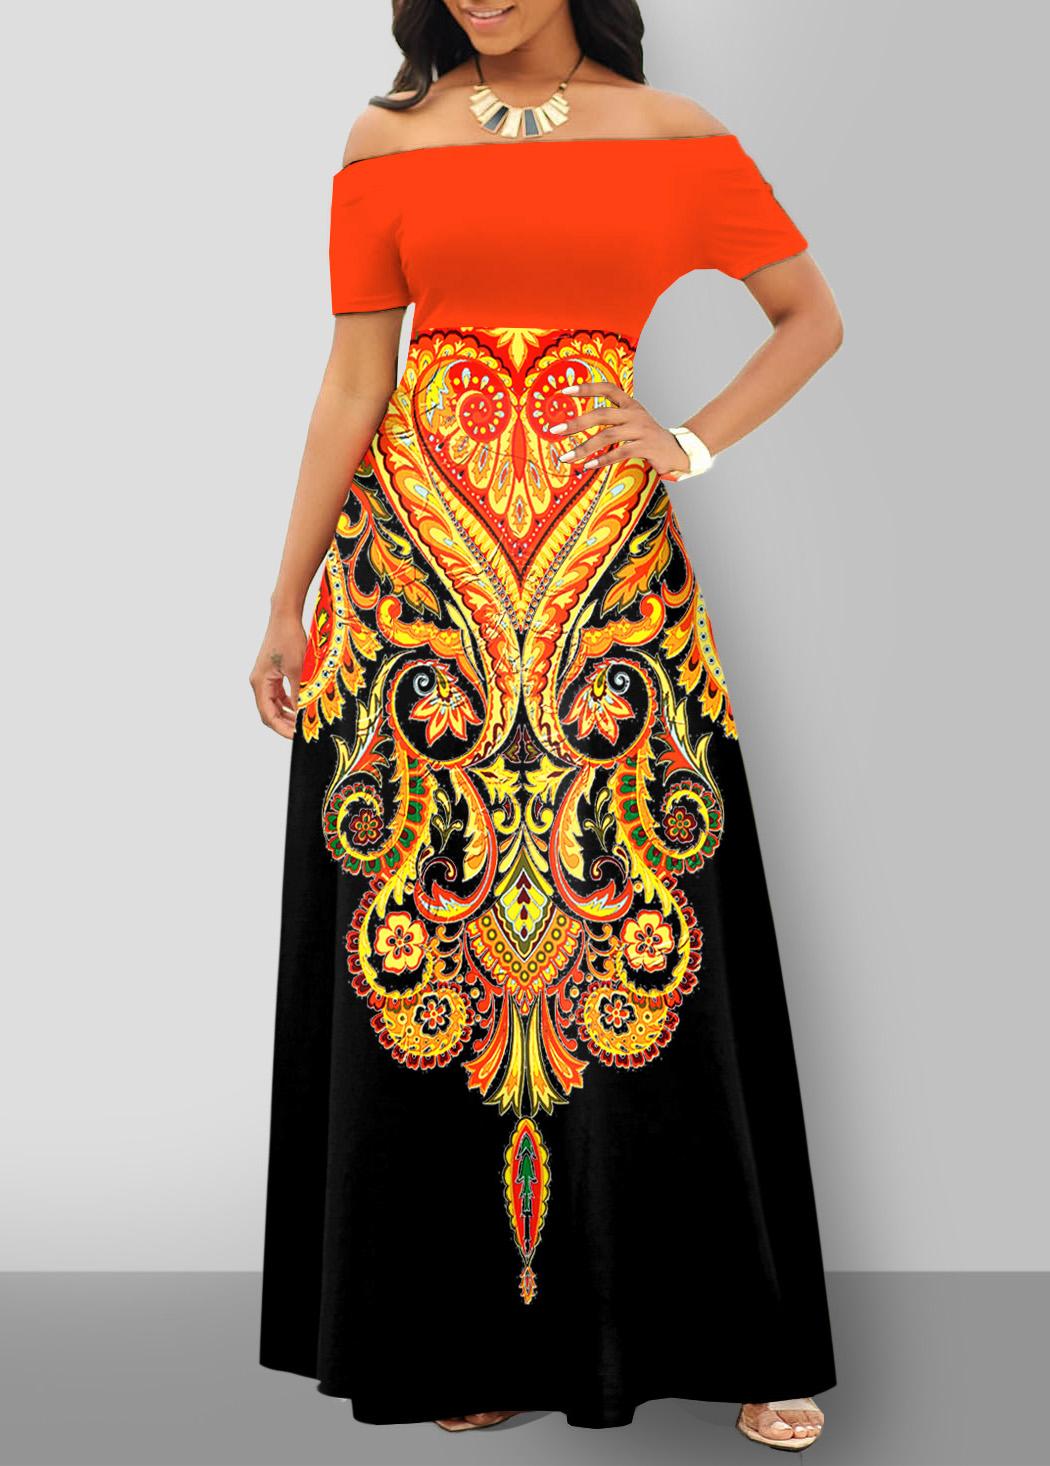 Tribal Print Off Shoulder Short Sleeve Dress